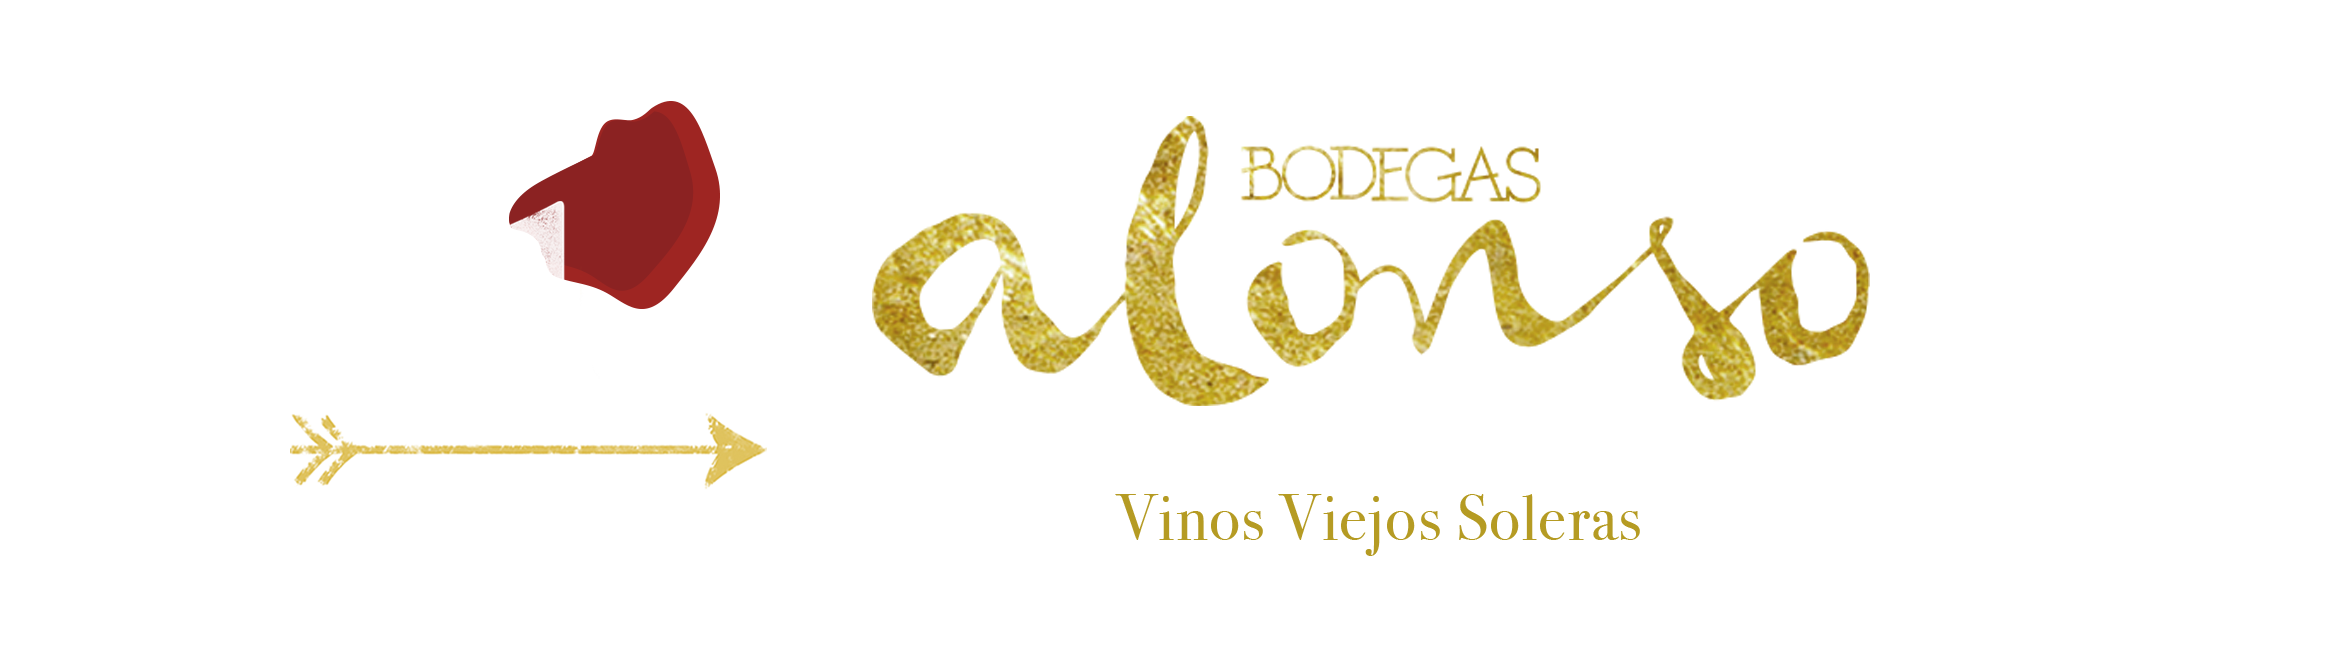 bodegas-alonso-vinos-soleras